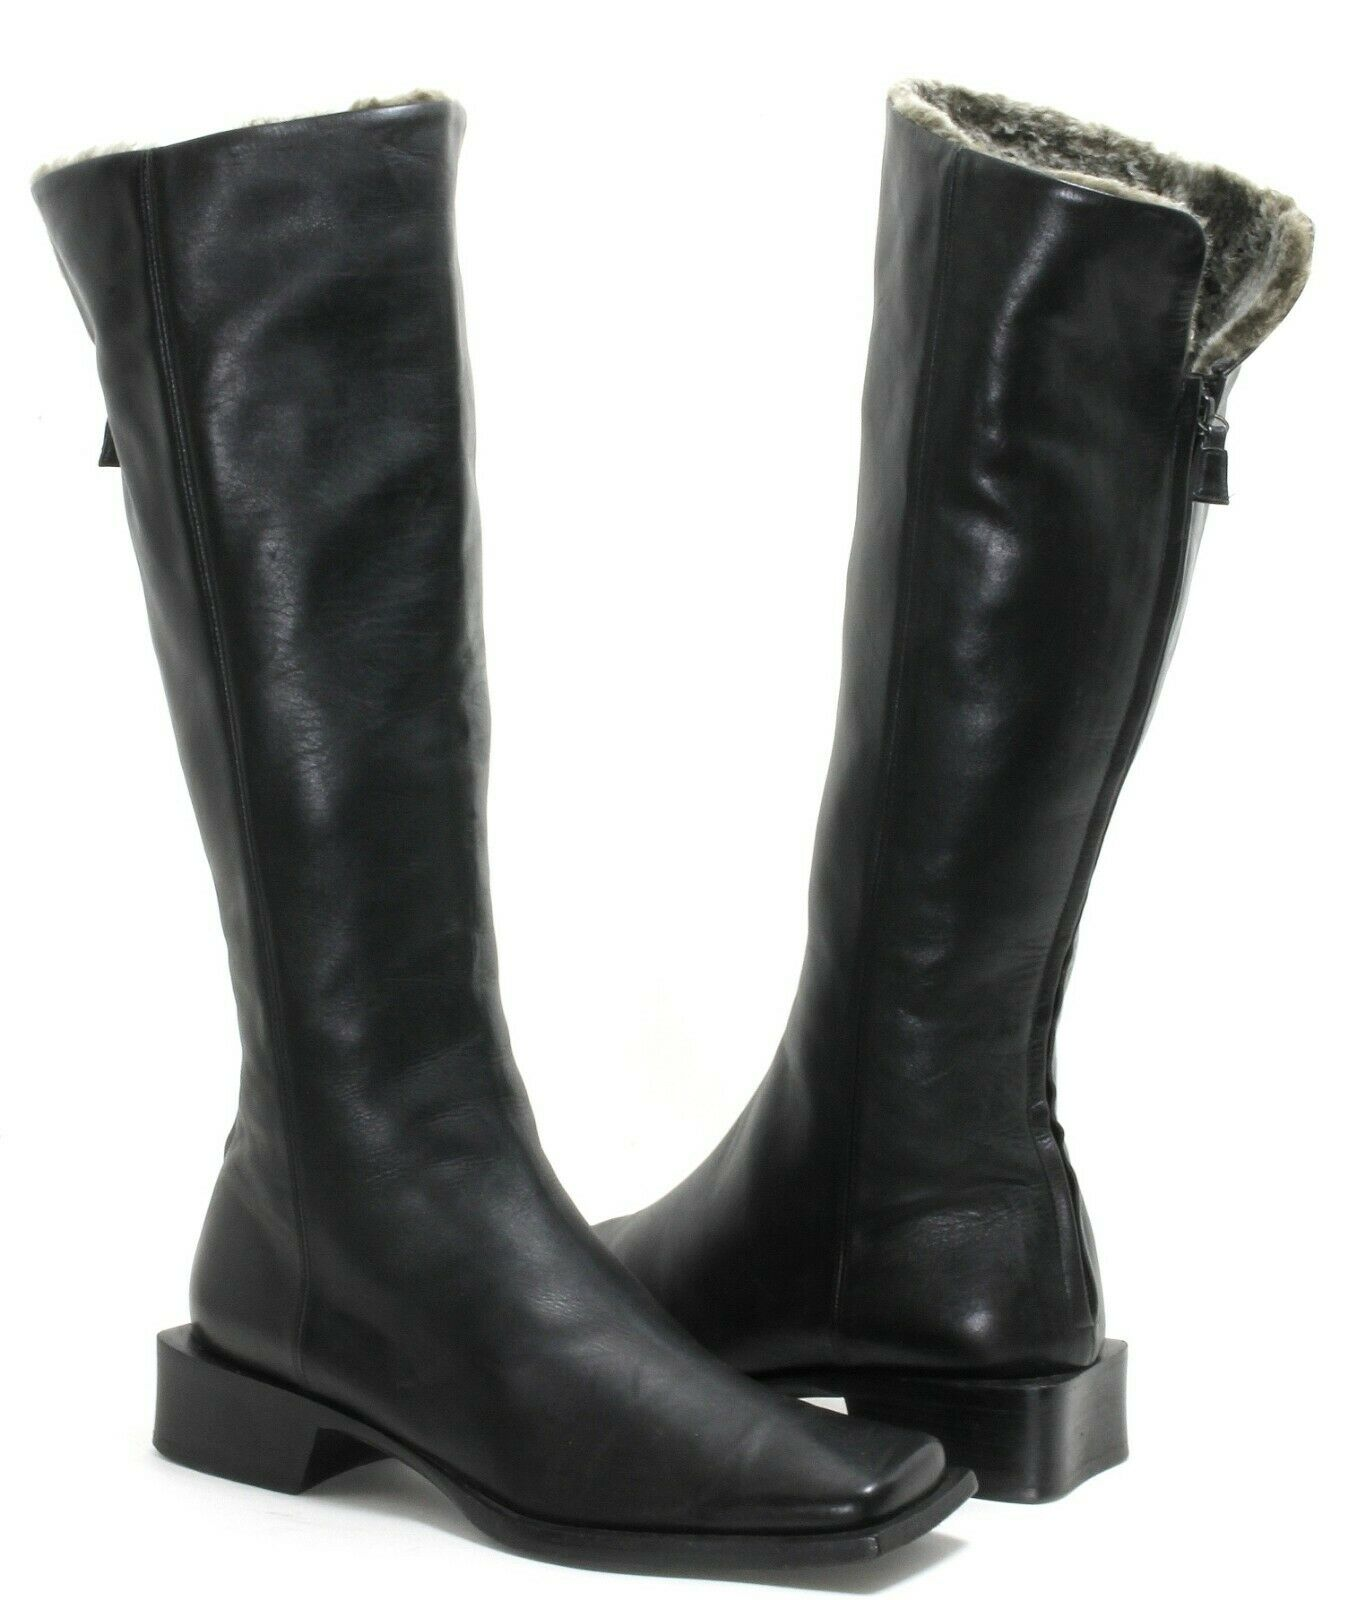 Damenstiefel Stiefel Vintage Stiefel Winterstiefel Winter Schuhe Pollini 36